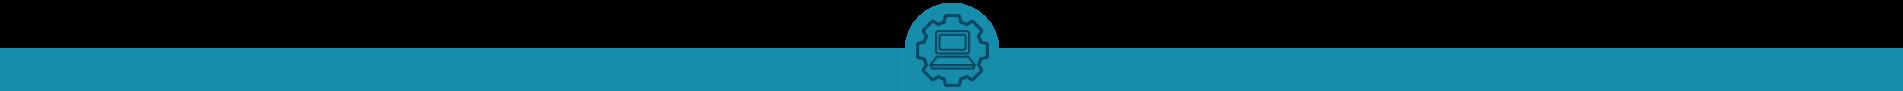 barra-azul-icone